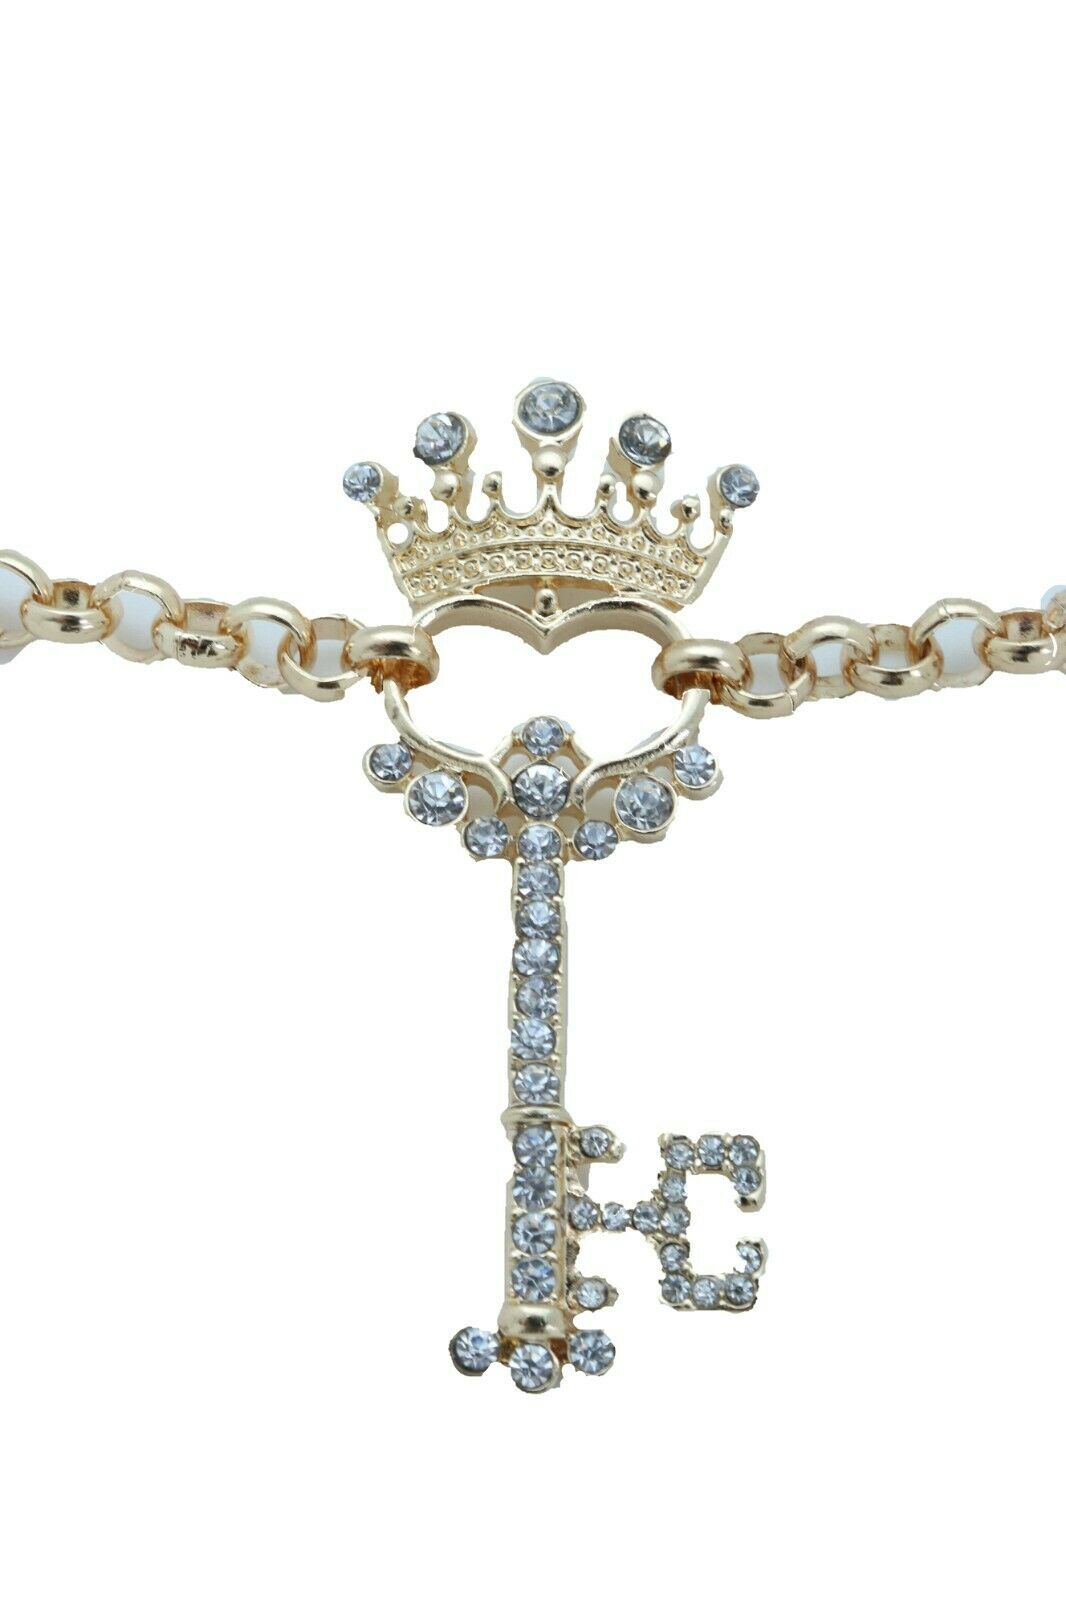 Women Fashion Jewelry Boot Gold Metal Chain Shoe Bracelet Bling Crown Key Charm